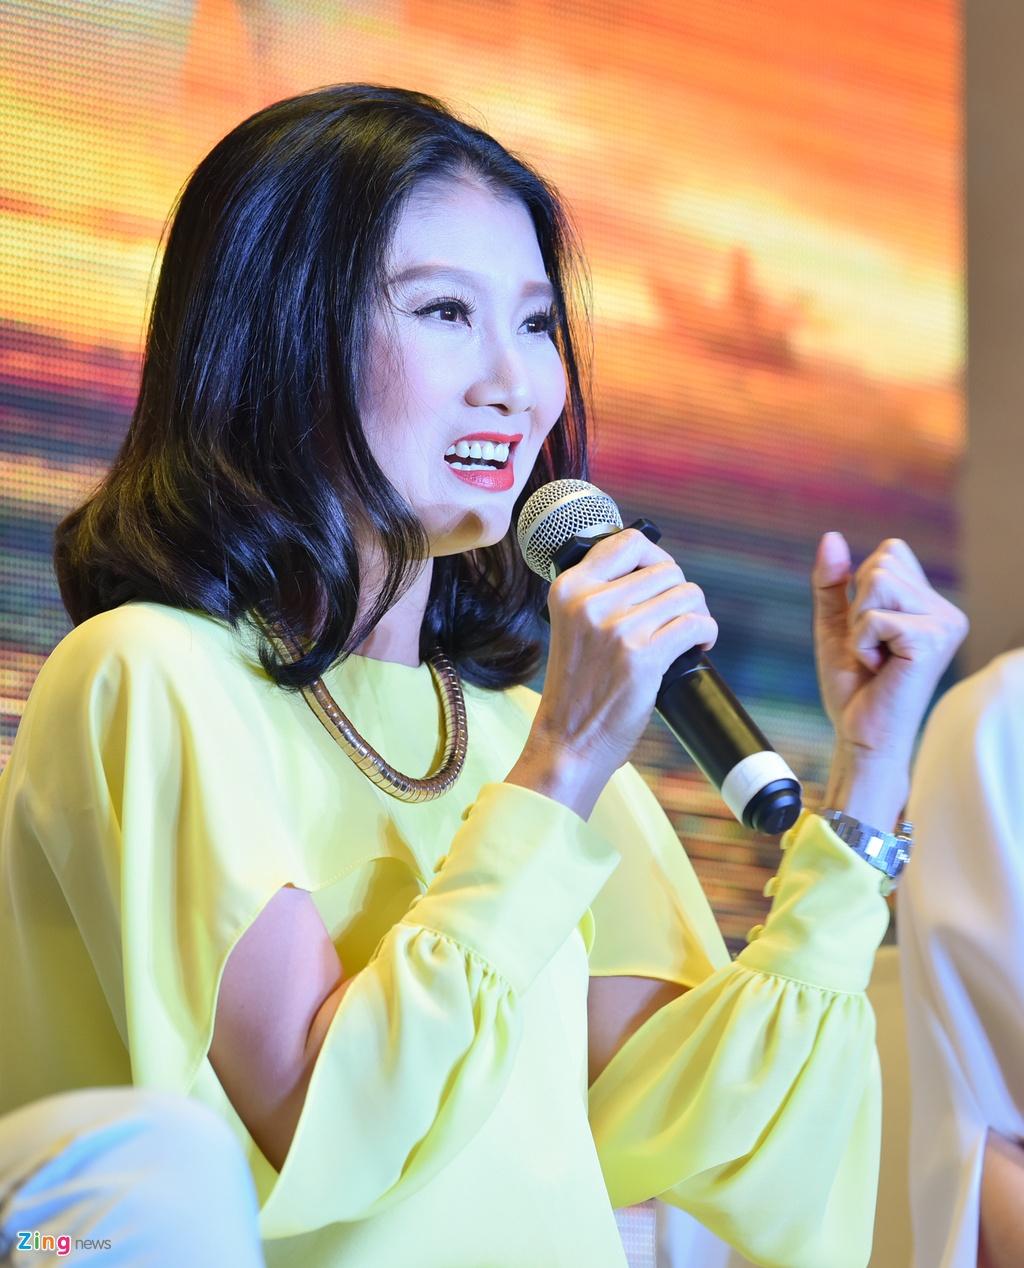 Hong Dang cam thay 'met moi' khi dong phim cung Hong Diem hinh anh 6